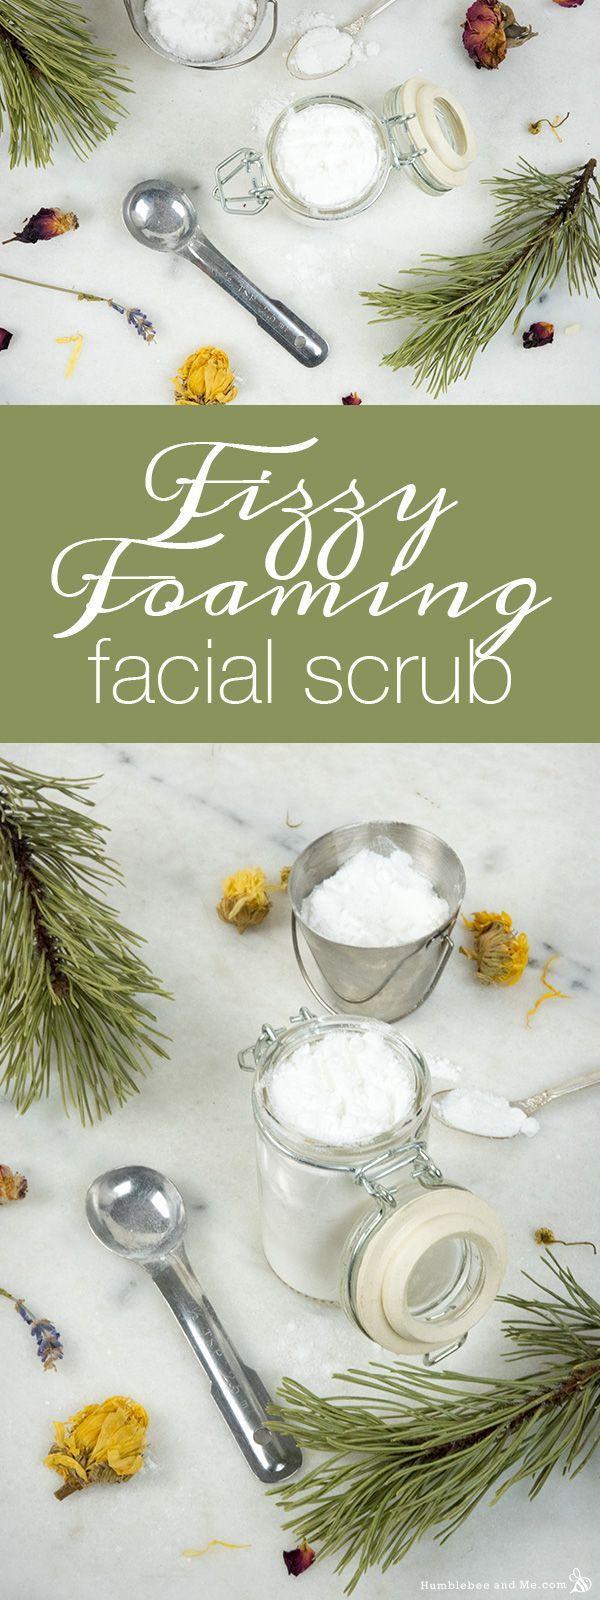 diy masque soins de la peau naturelle et bricolage comment faire un gommage visage moussant. Black Bedroom Furniture Sets. Home Design Ideas